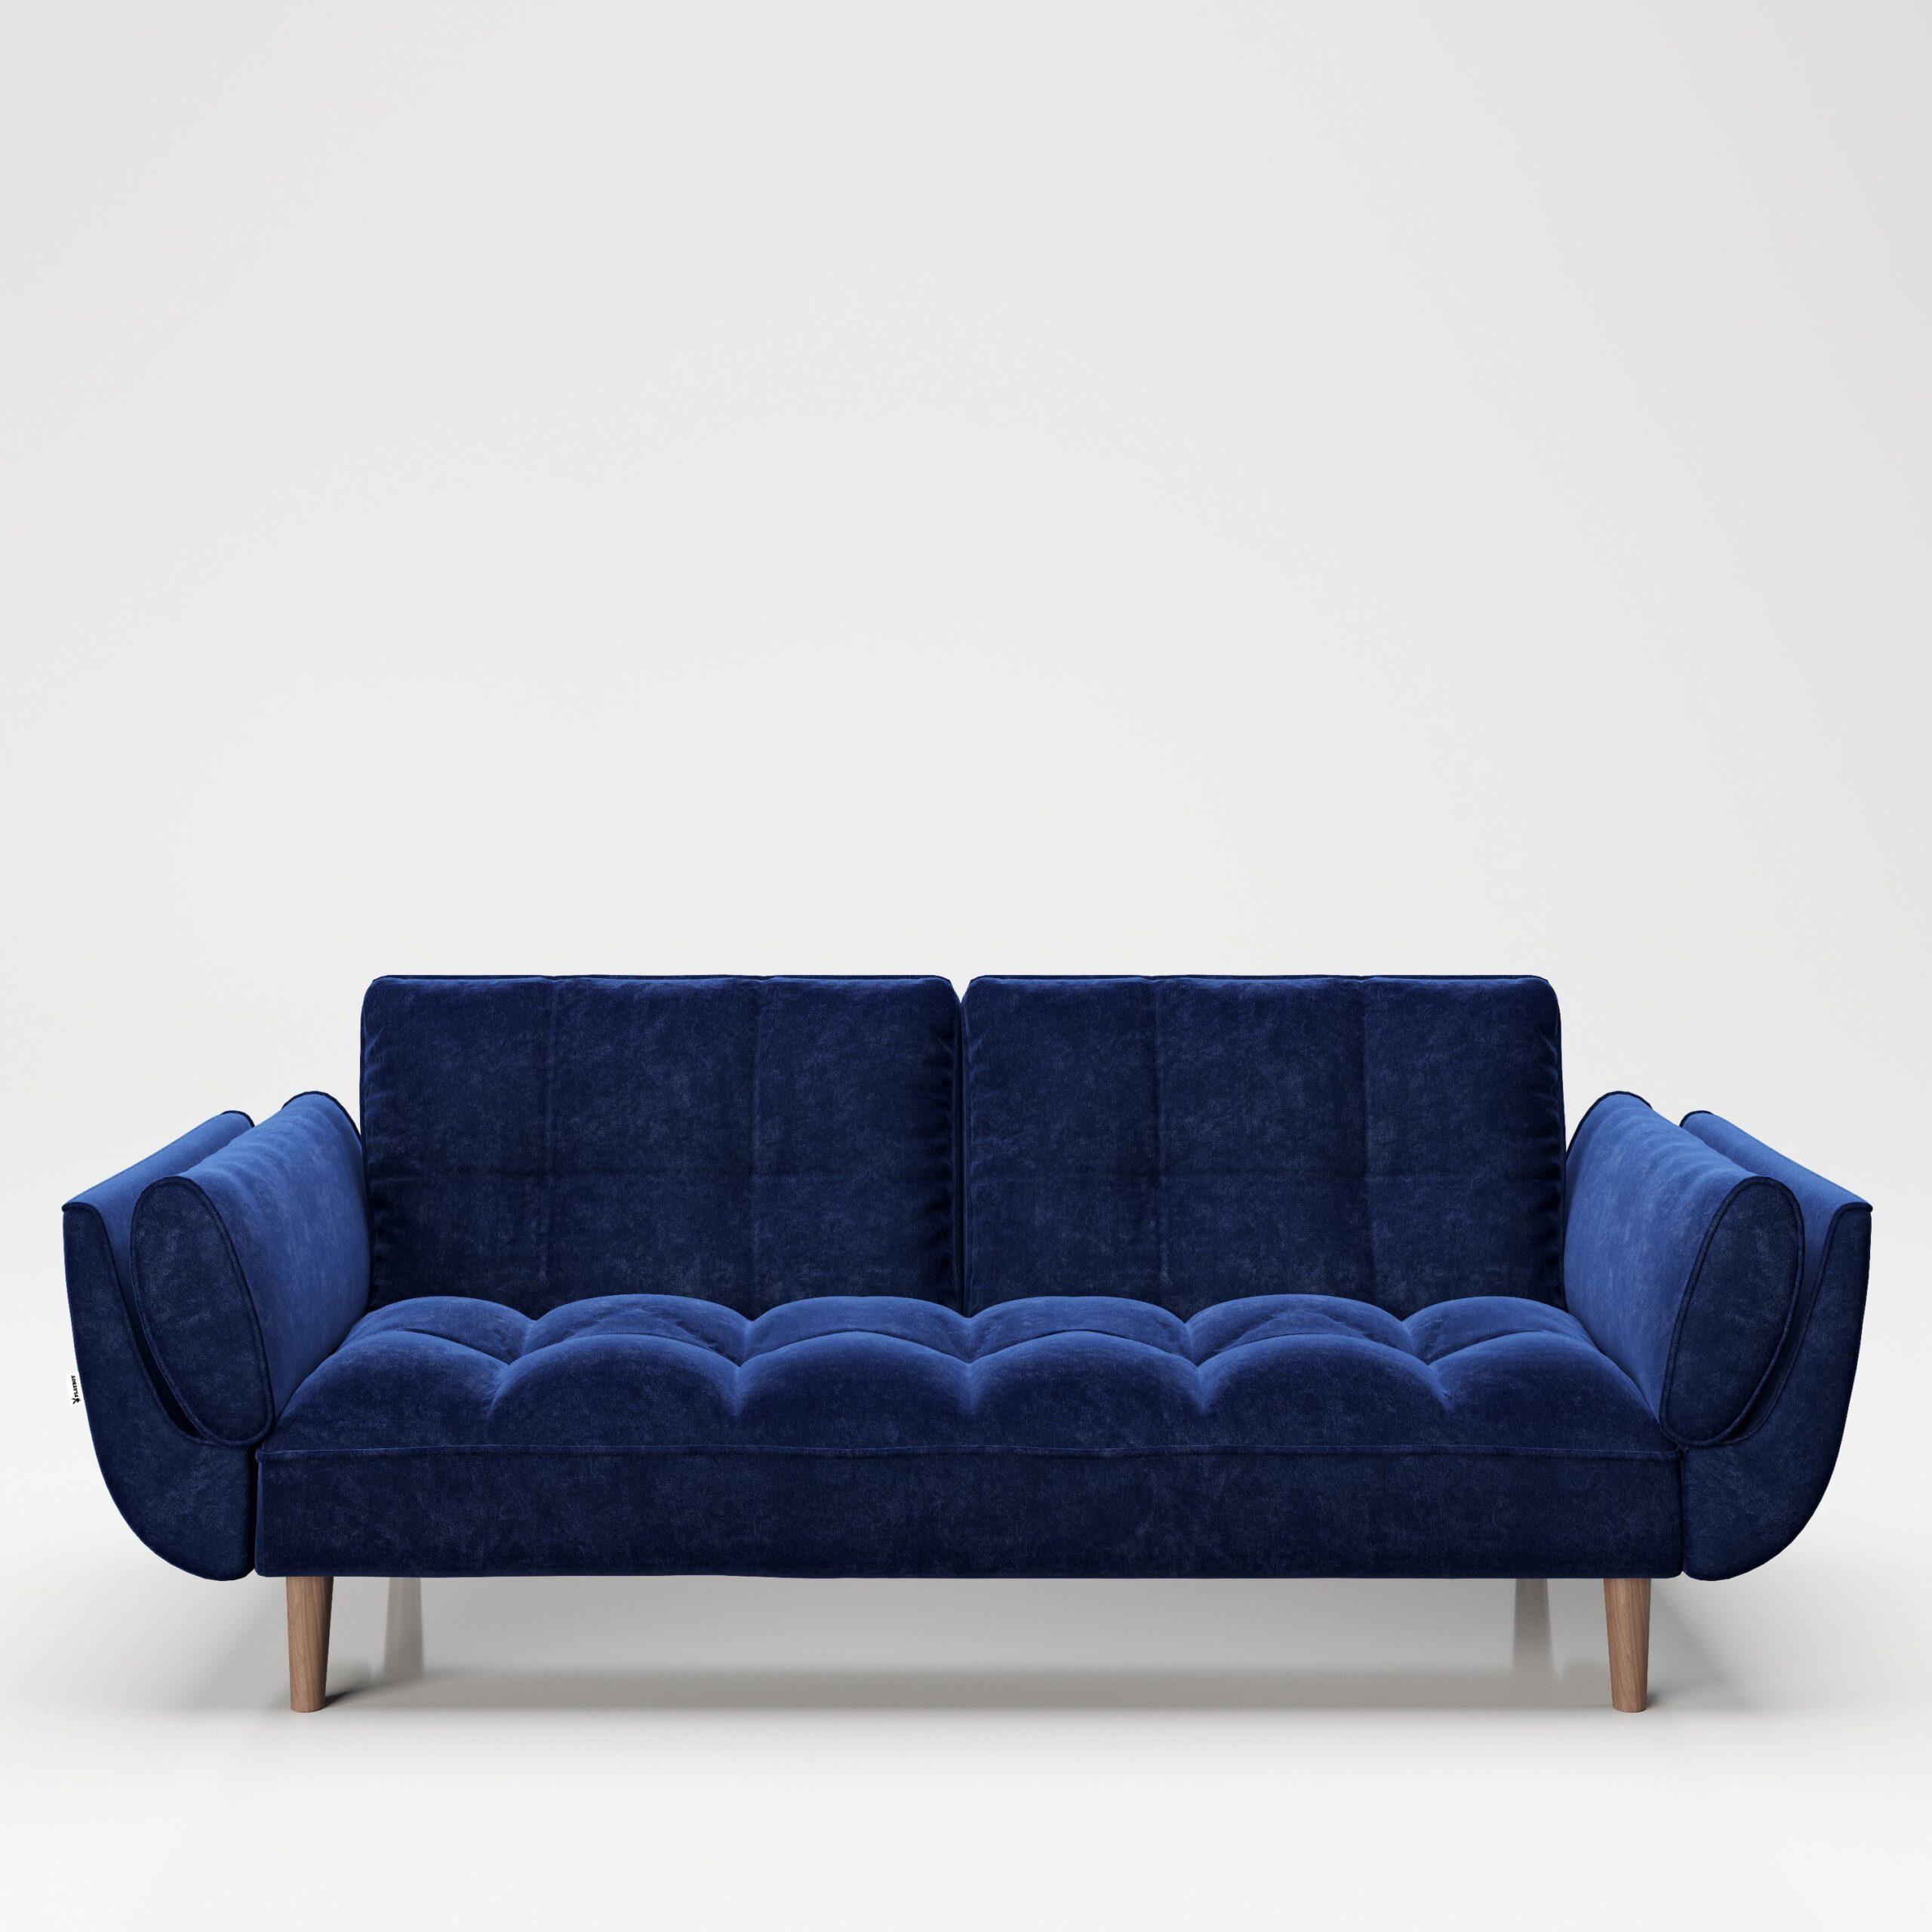 Full Size of Sofa Blau Big Braun Boxspring Mit Elektrischer Sitztiefenverstellung Ikea Schlaffunktion Indomo Höffner Benz L Schilling Kissen Sofa Sofa Blau